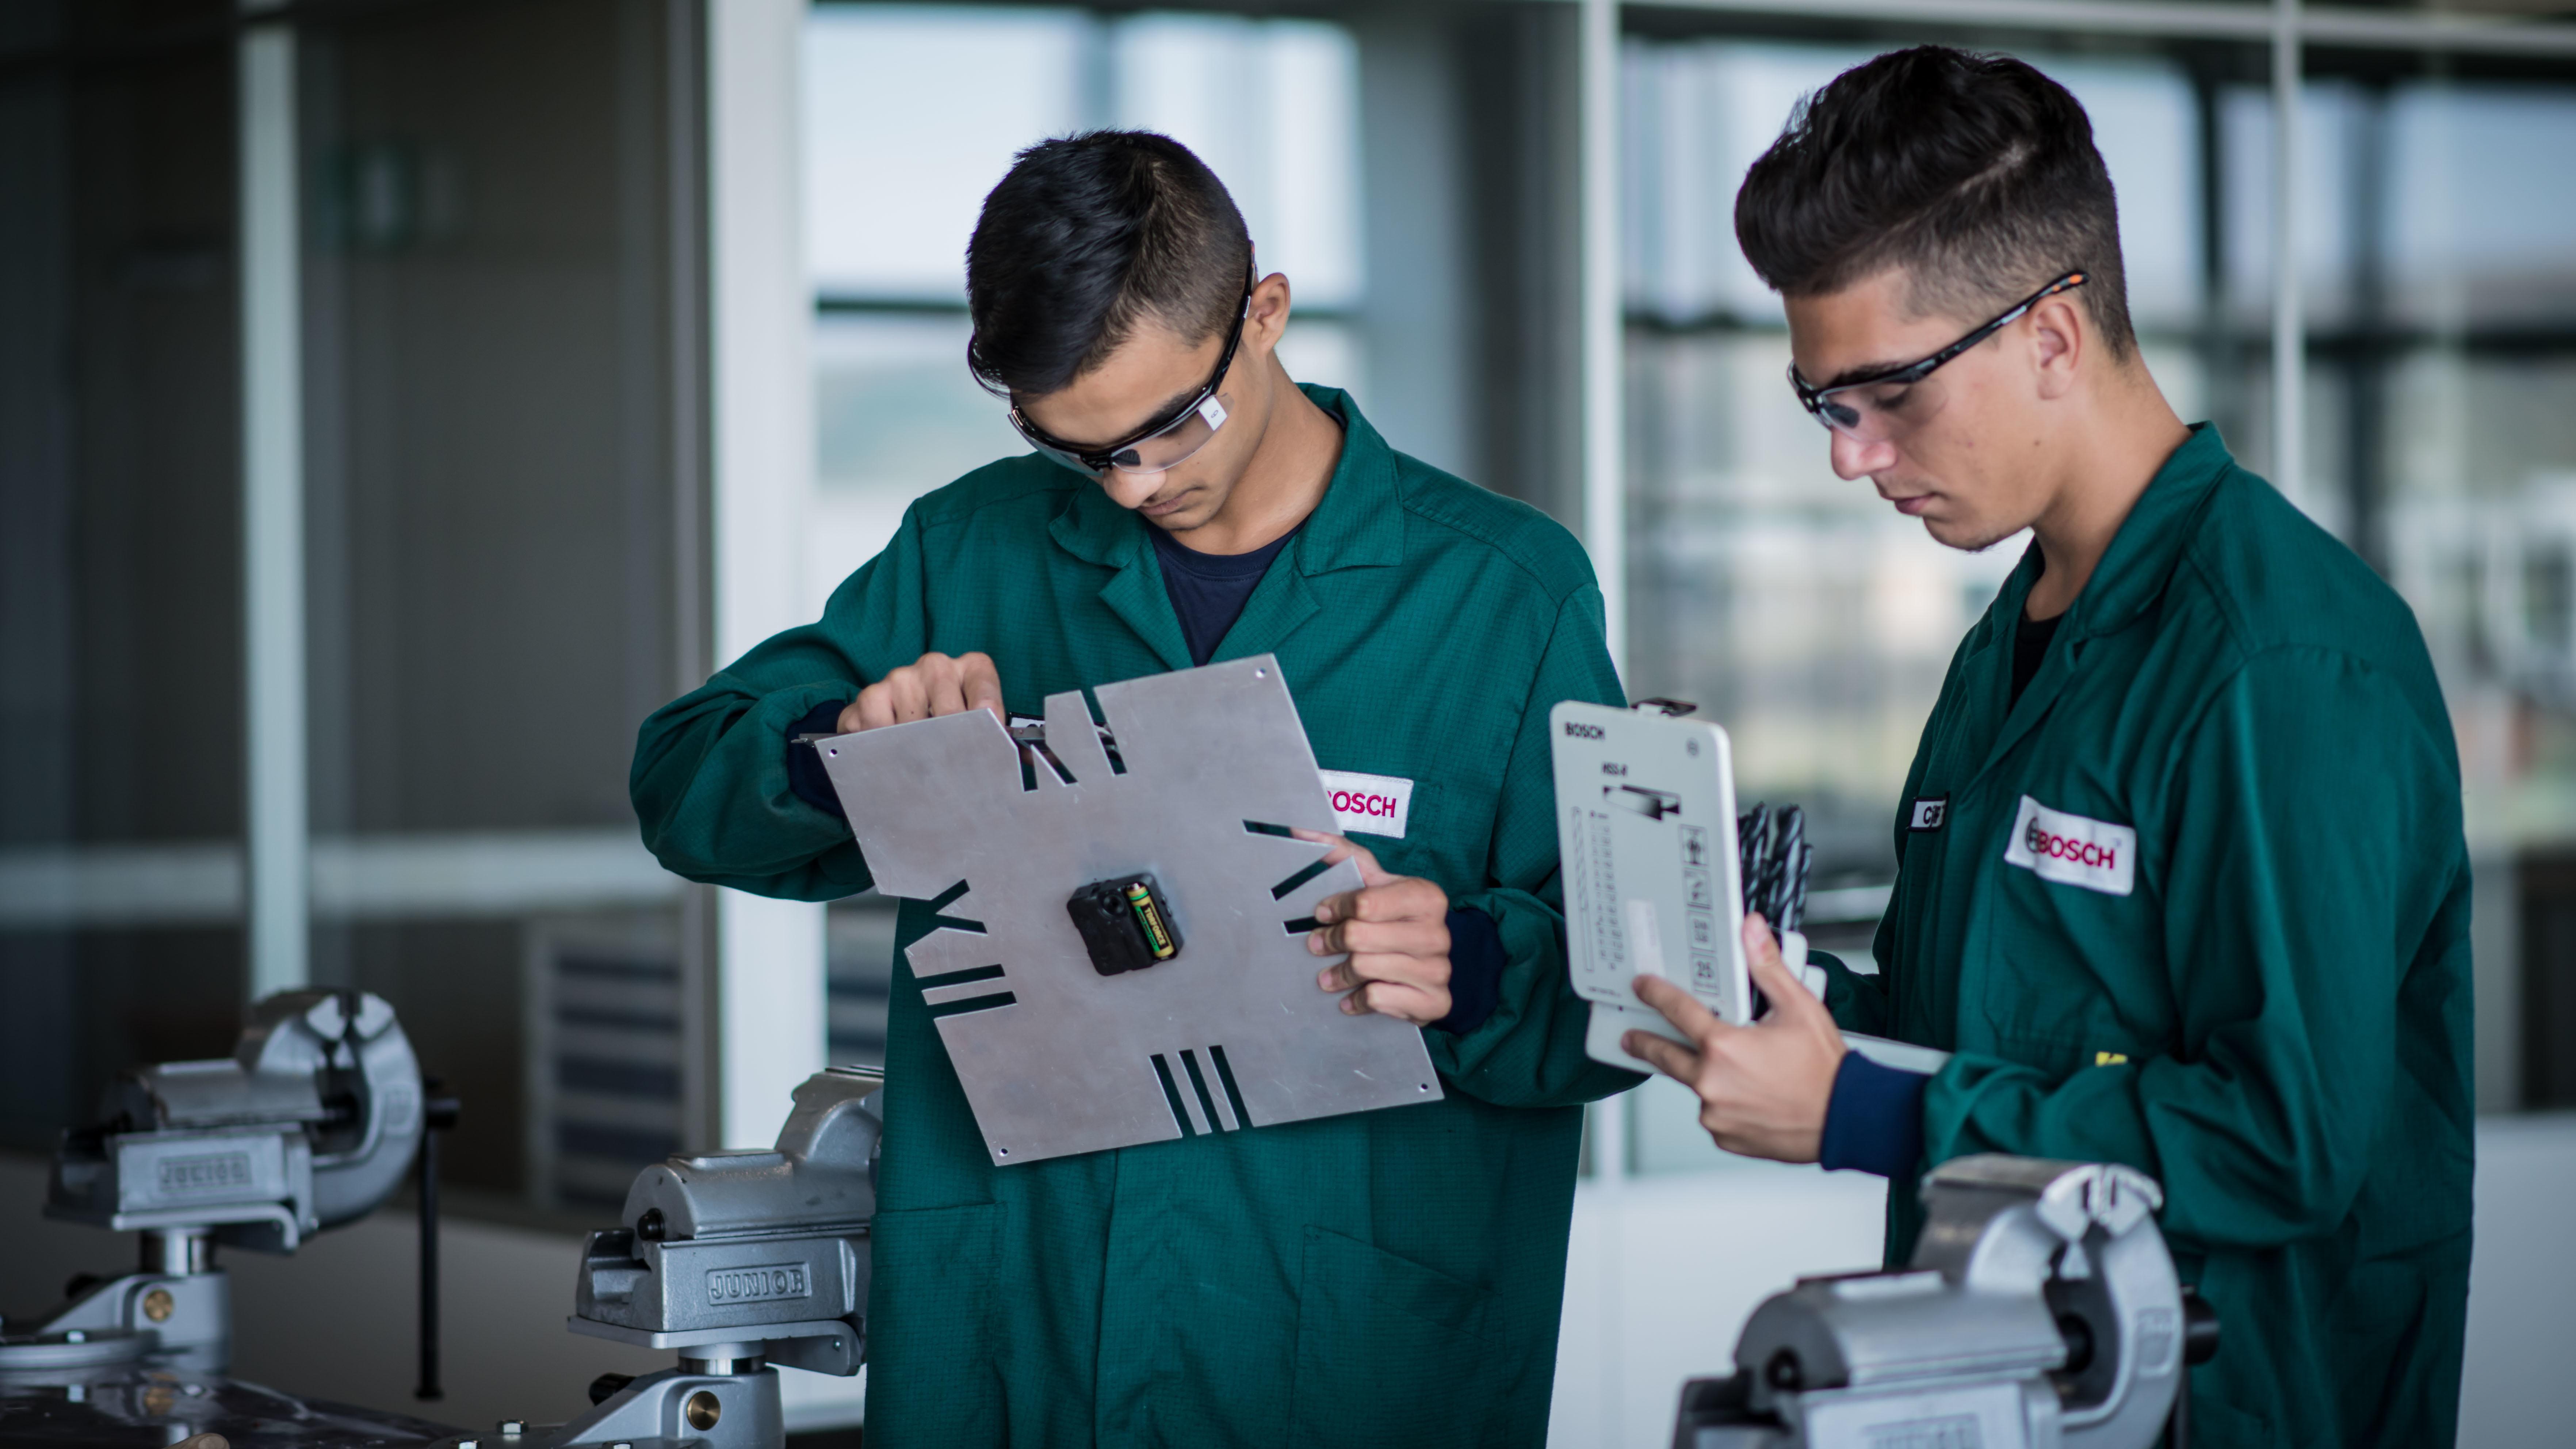 Bosch inaugurează un Centru de Training la Cluj Investiţii pe termen lung în educaţie și pentru dezvoltarea angajaților